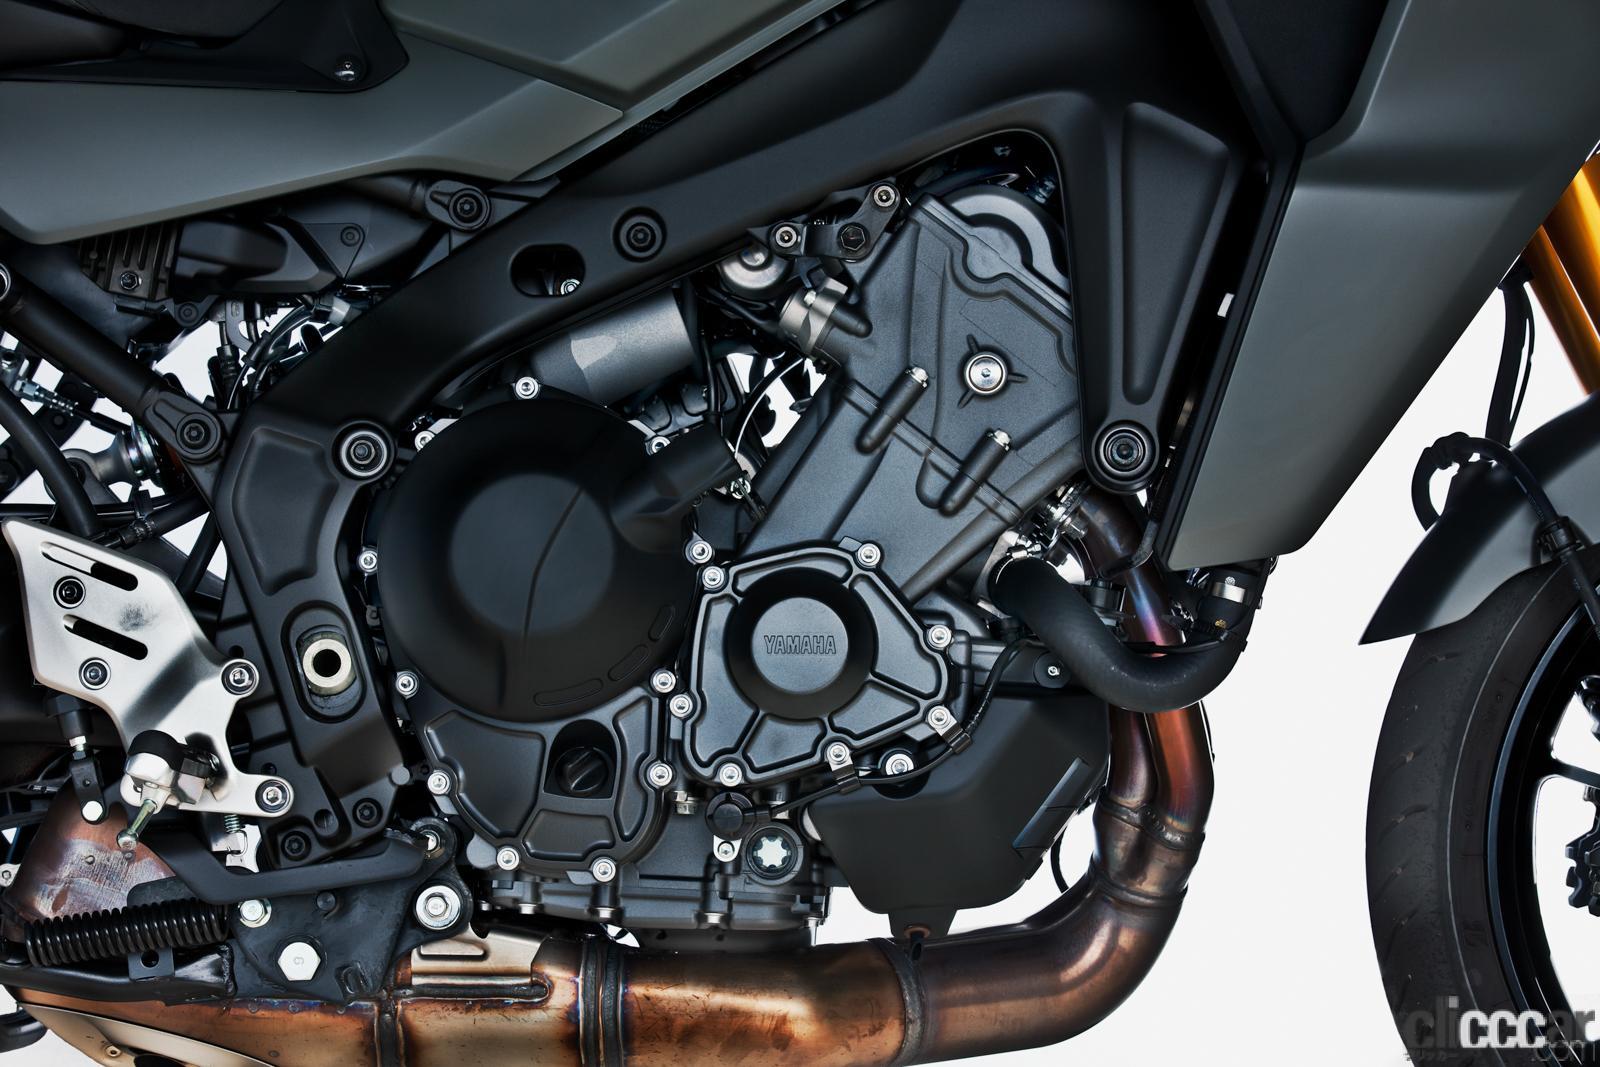 「何キロでも走れる超快適仕様! ヤマハTRACER9 GT ABSは電子制御の恩恵をフルに体感できる高性能スポーツツアラー」の10枚目の画像